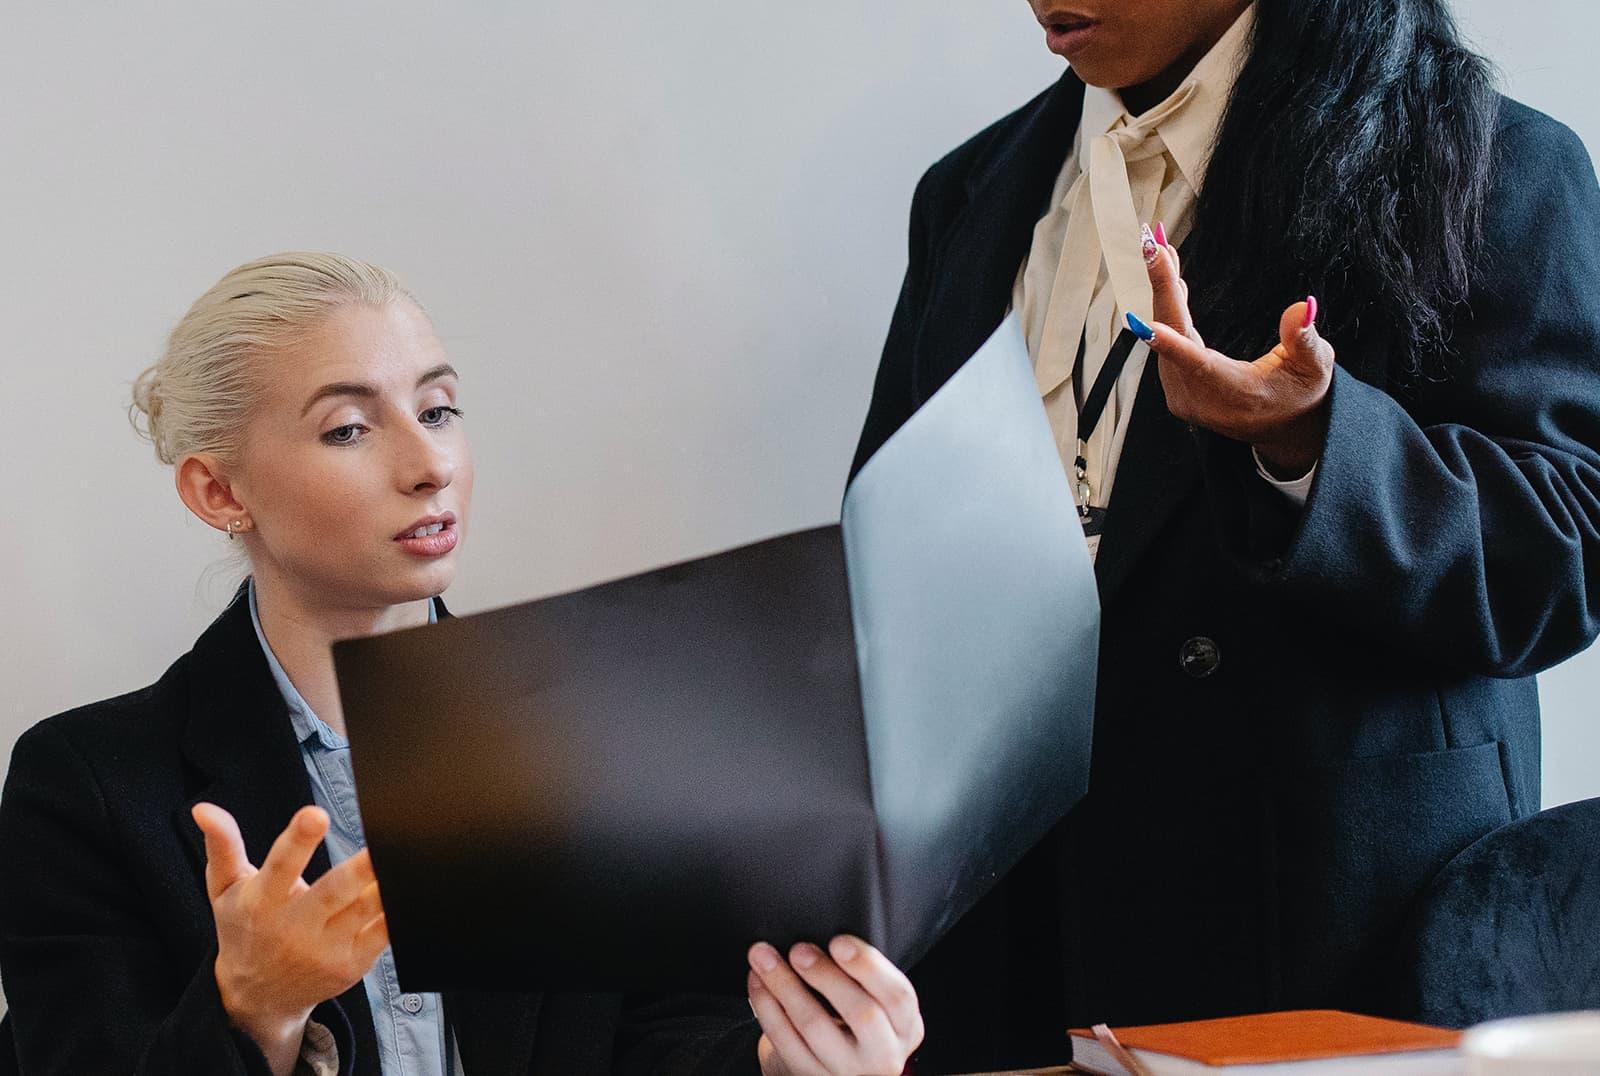 zwei Kolleginnen diskutieren über die Arbeit im Büro